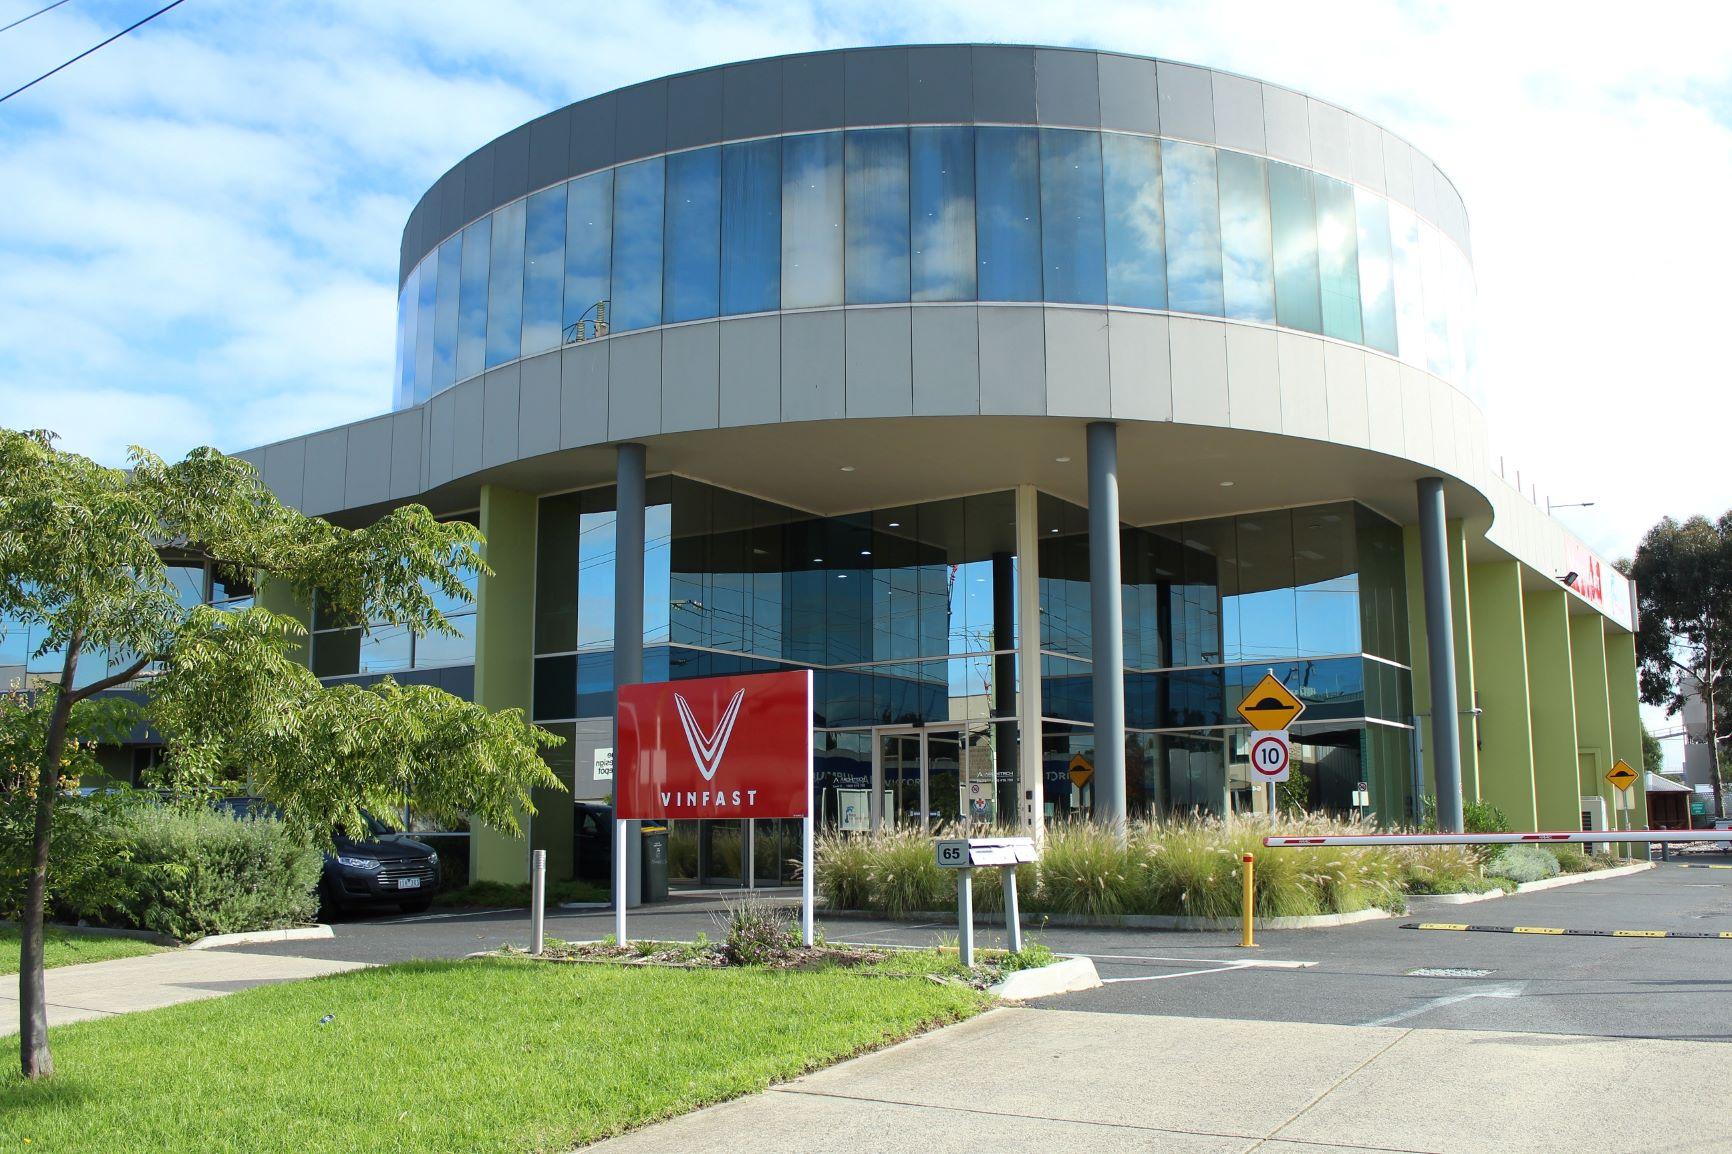 VinFast sắp đóng cửa một phần trung tâm tại Australia sau một năm thành lập